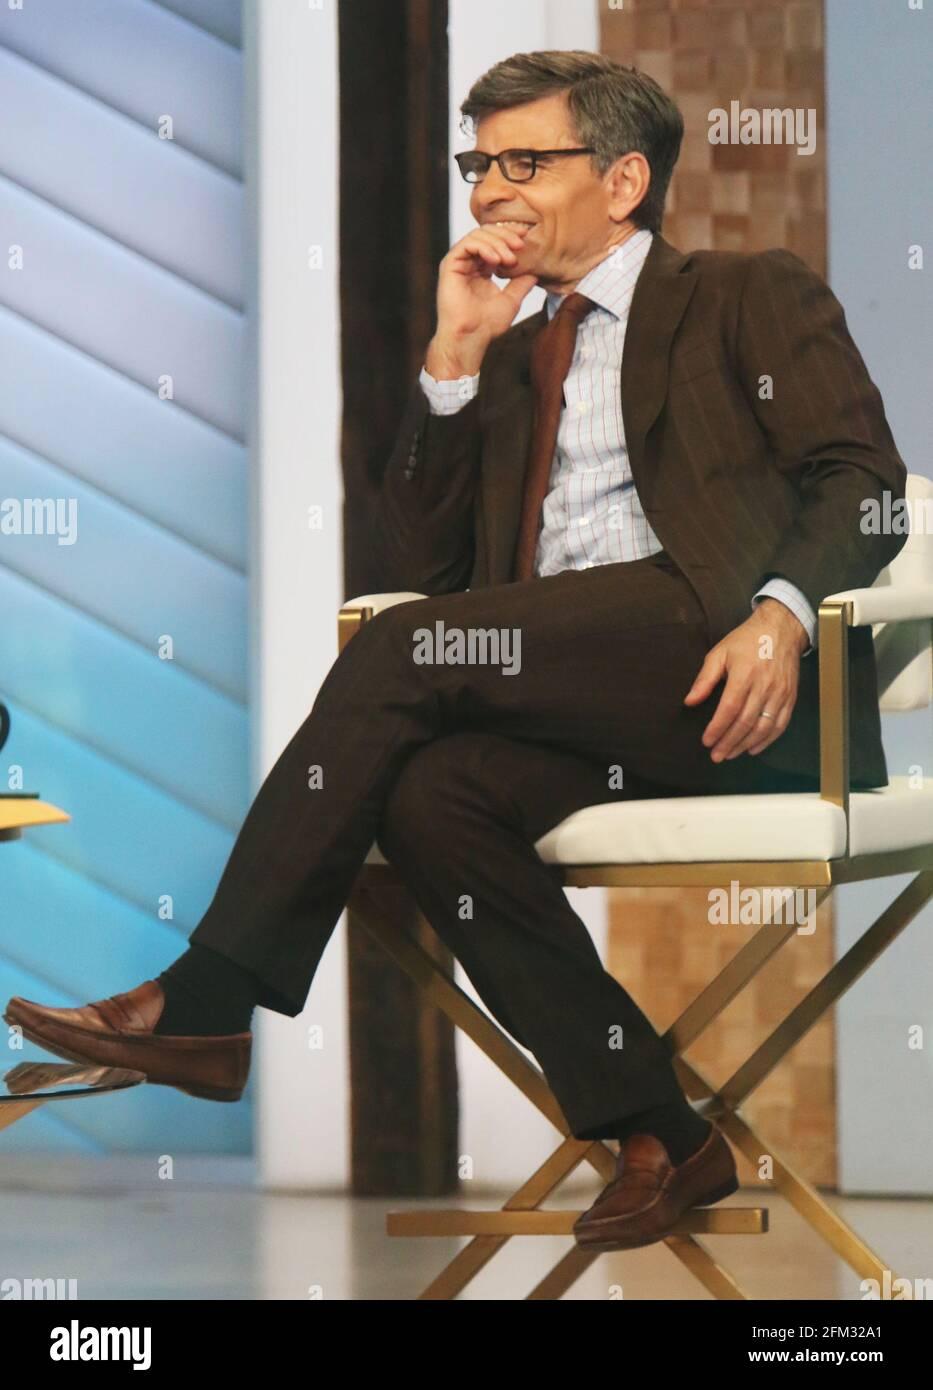 New York, NY, États-Unis. 5 mai 2021. George Stephanopoulos, sur le set de Good Morning America à New York le 05 mai 2021. Crédit : RW/Media Punch/Alamy Live News Banque D'Images